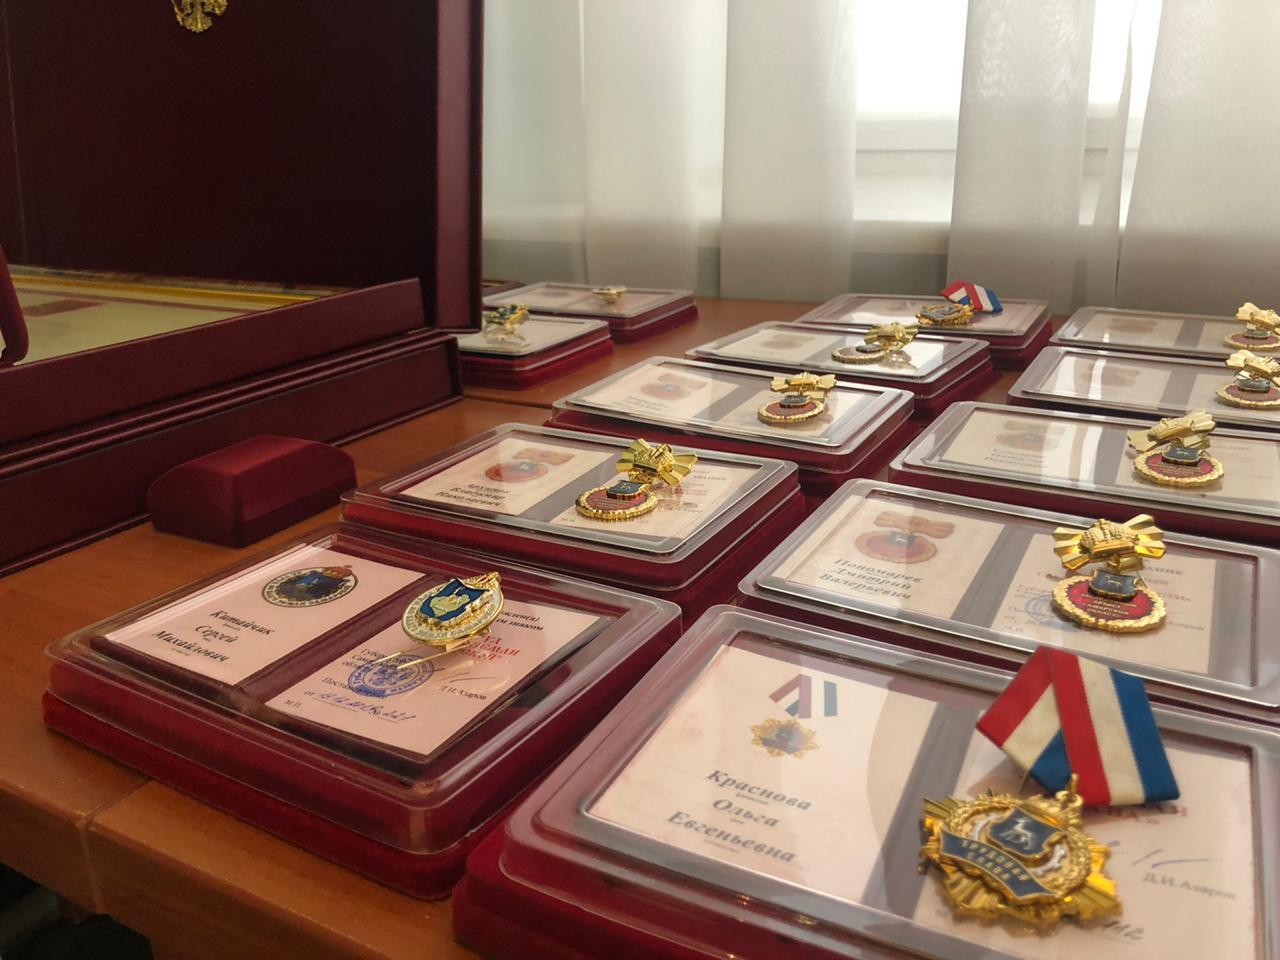 19 жителей Самарской области получили государственные награды из рук Азарова